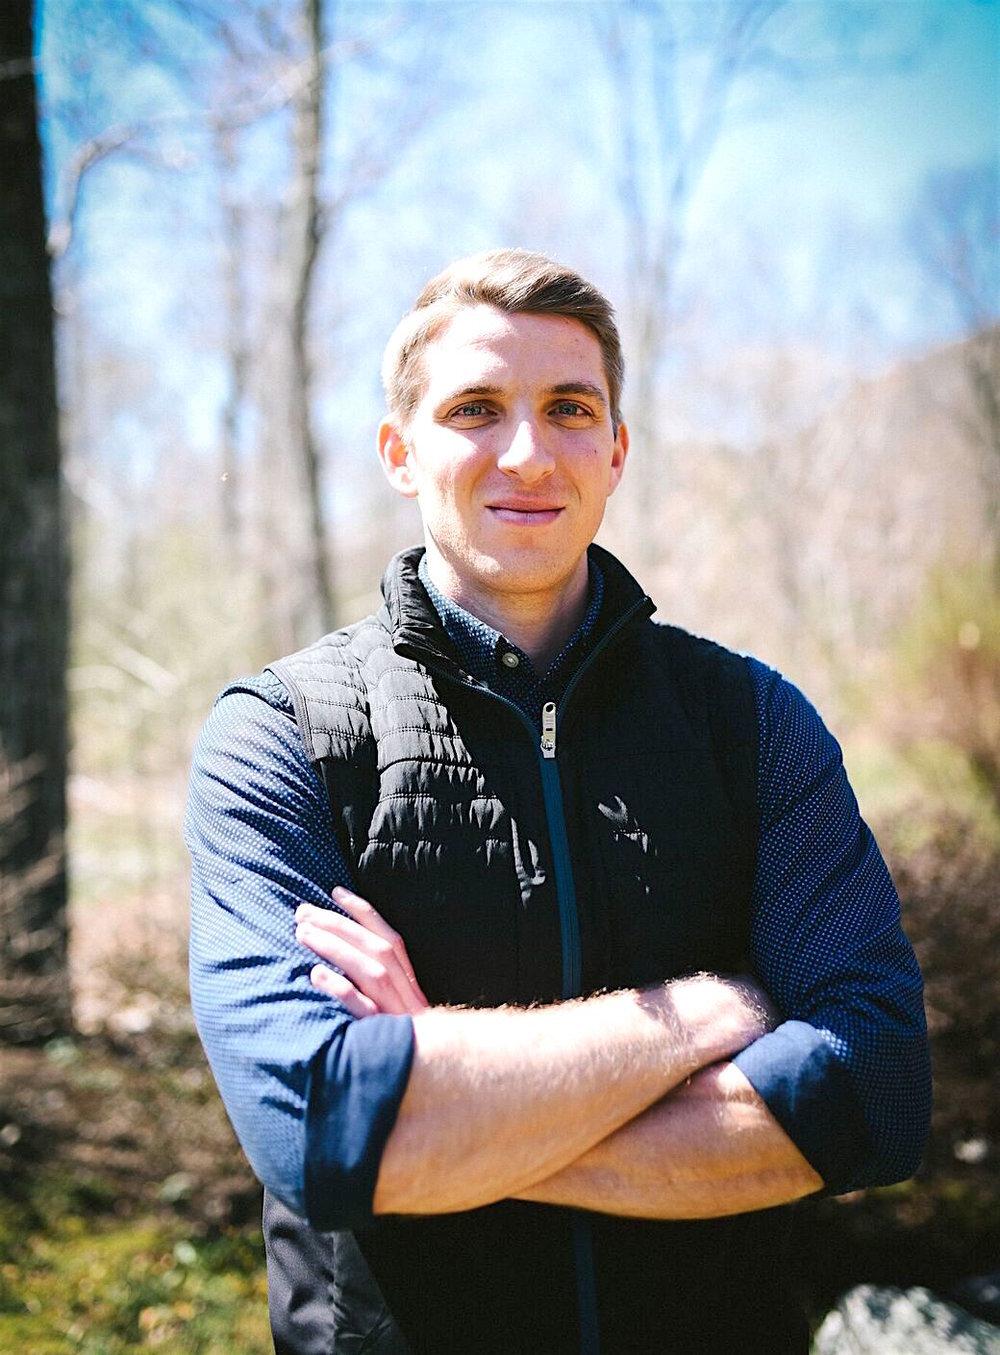 Brett Hagler